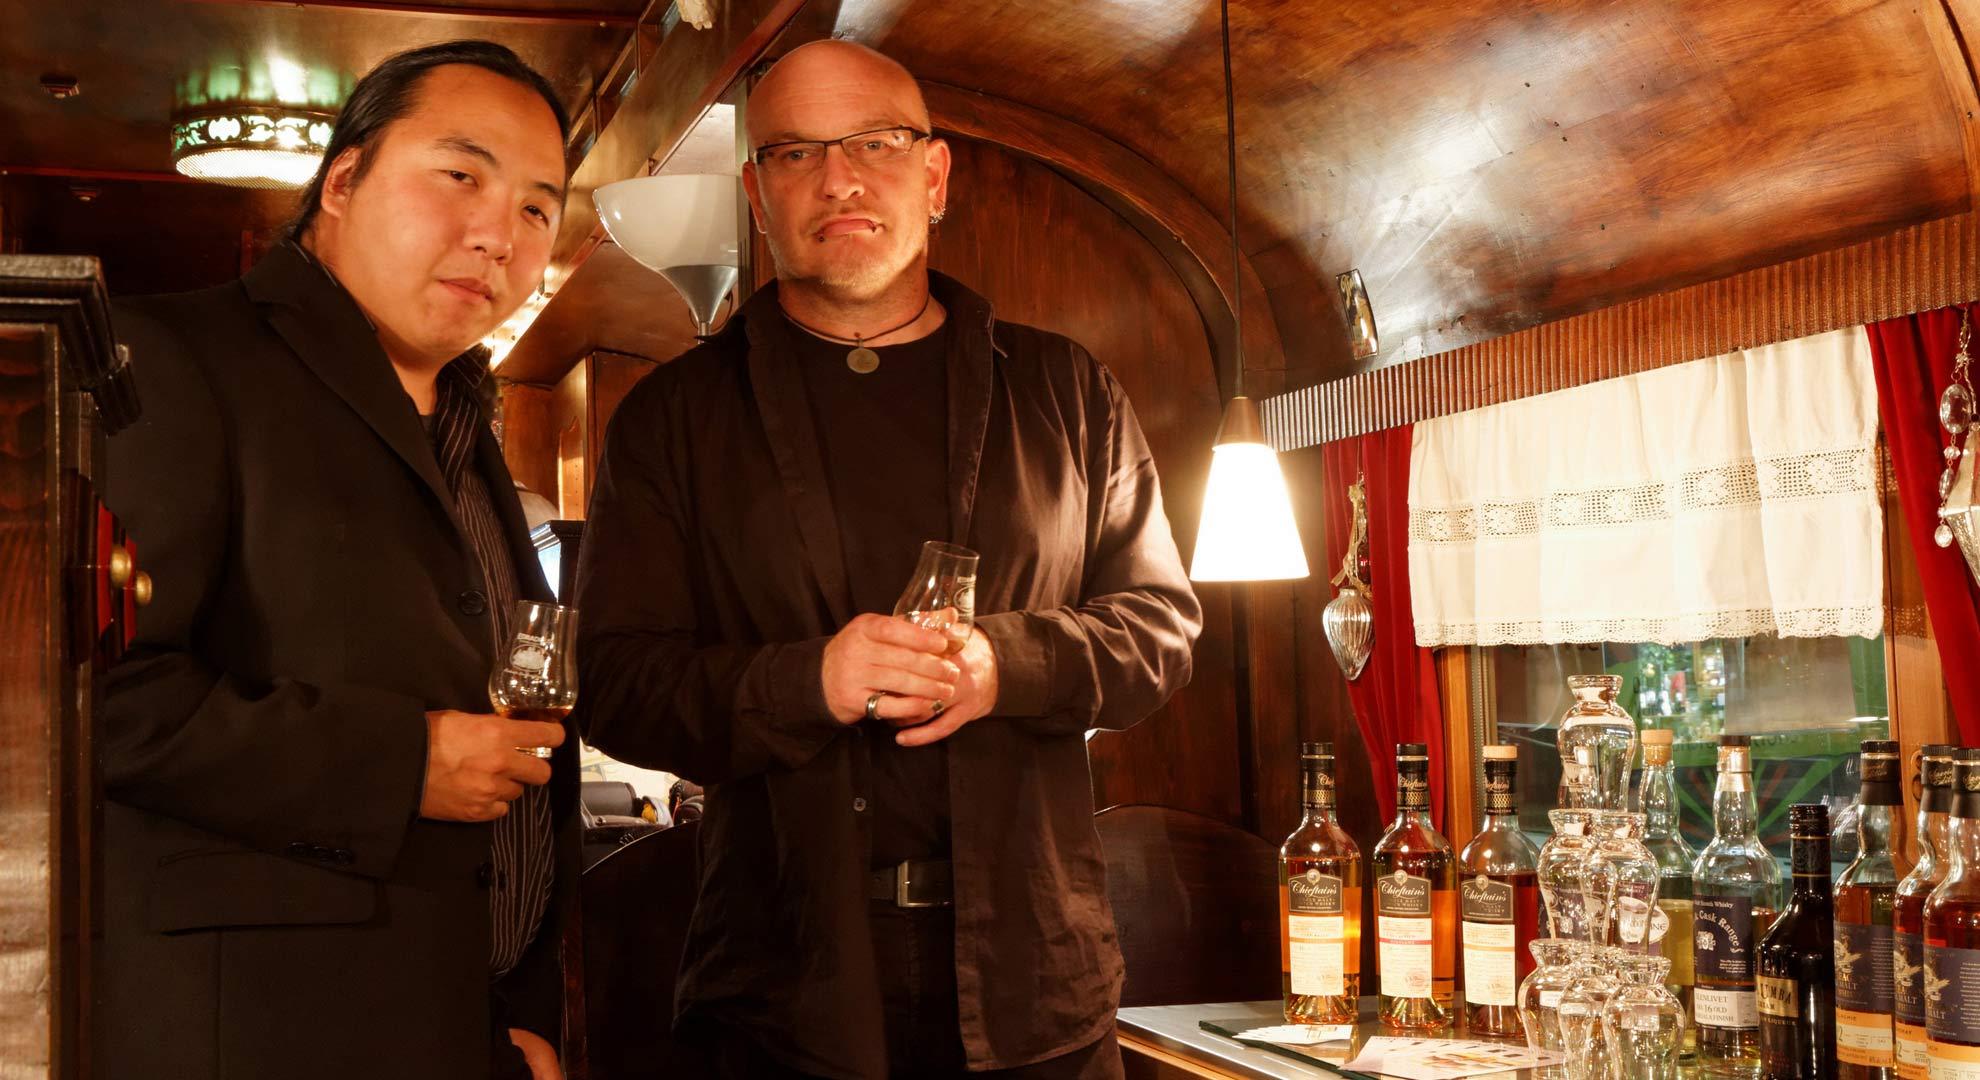 hibiki whisky kaufen